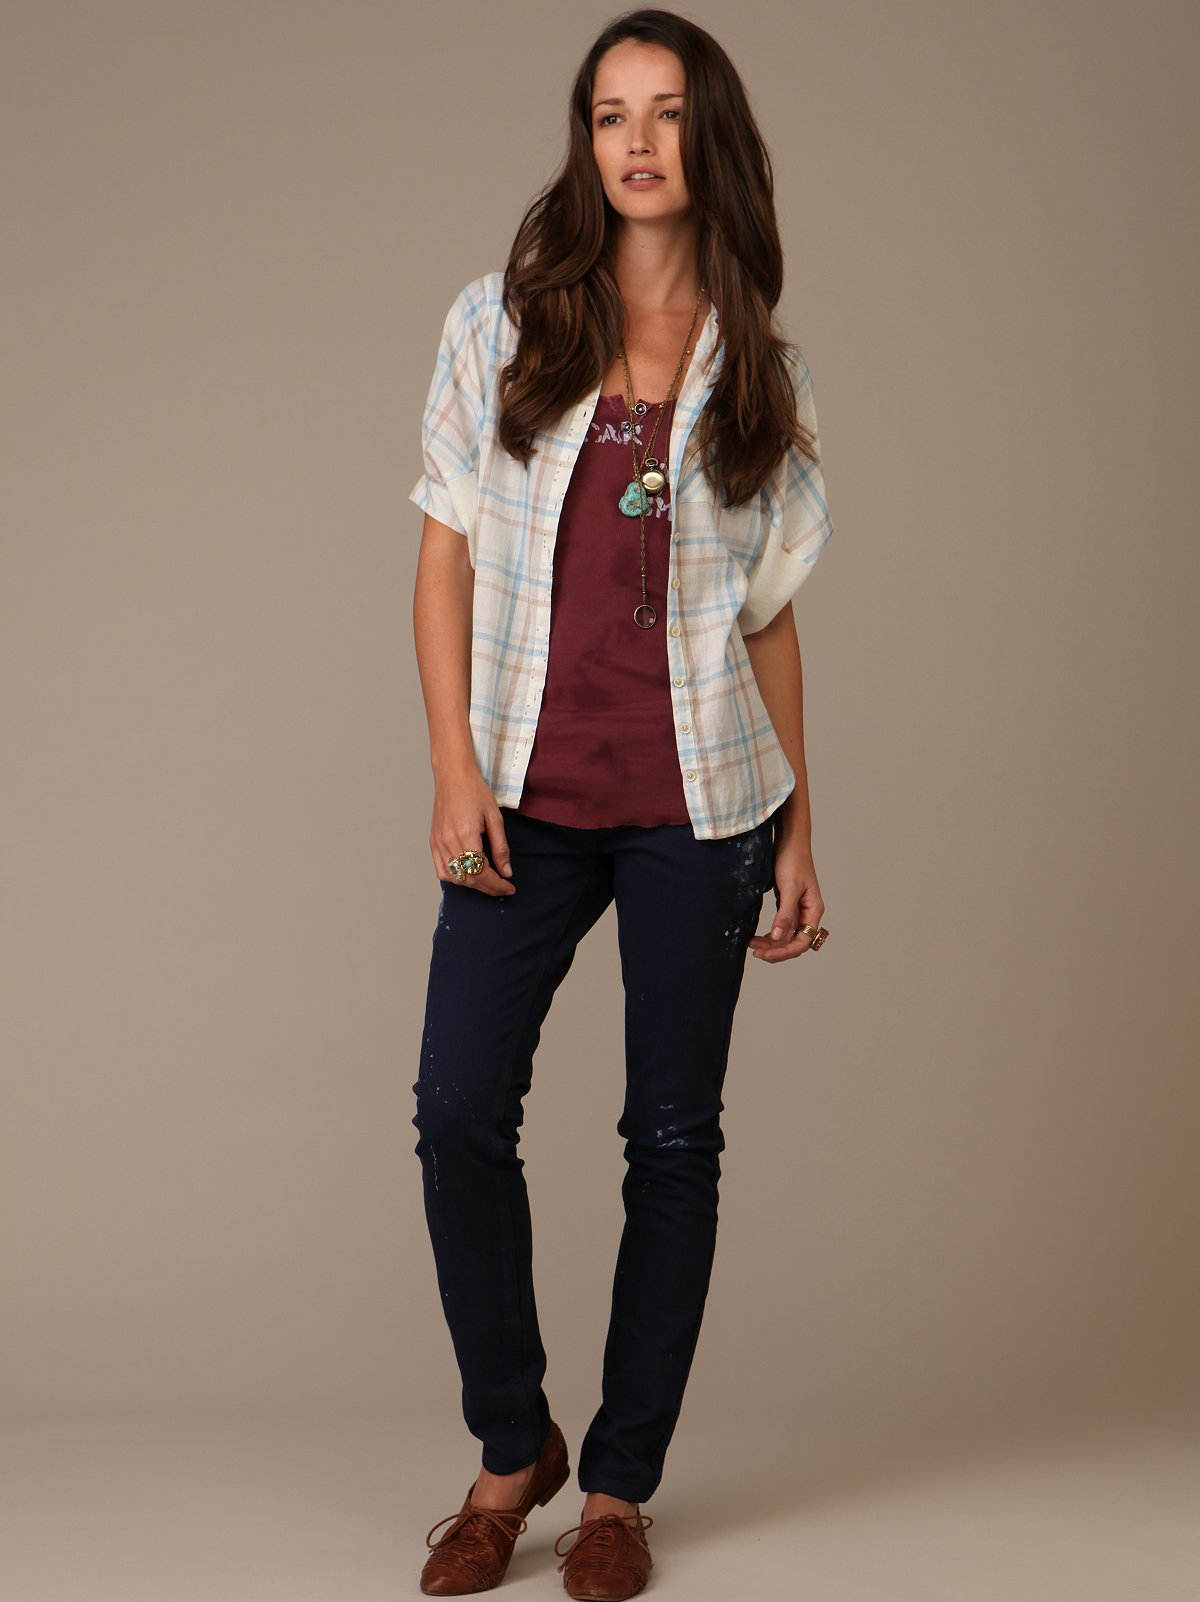 FP Paint Splatter Skinny Jeans